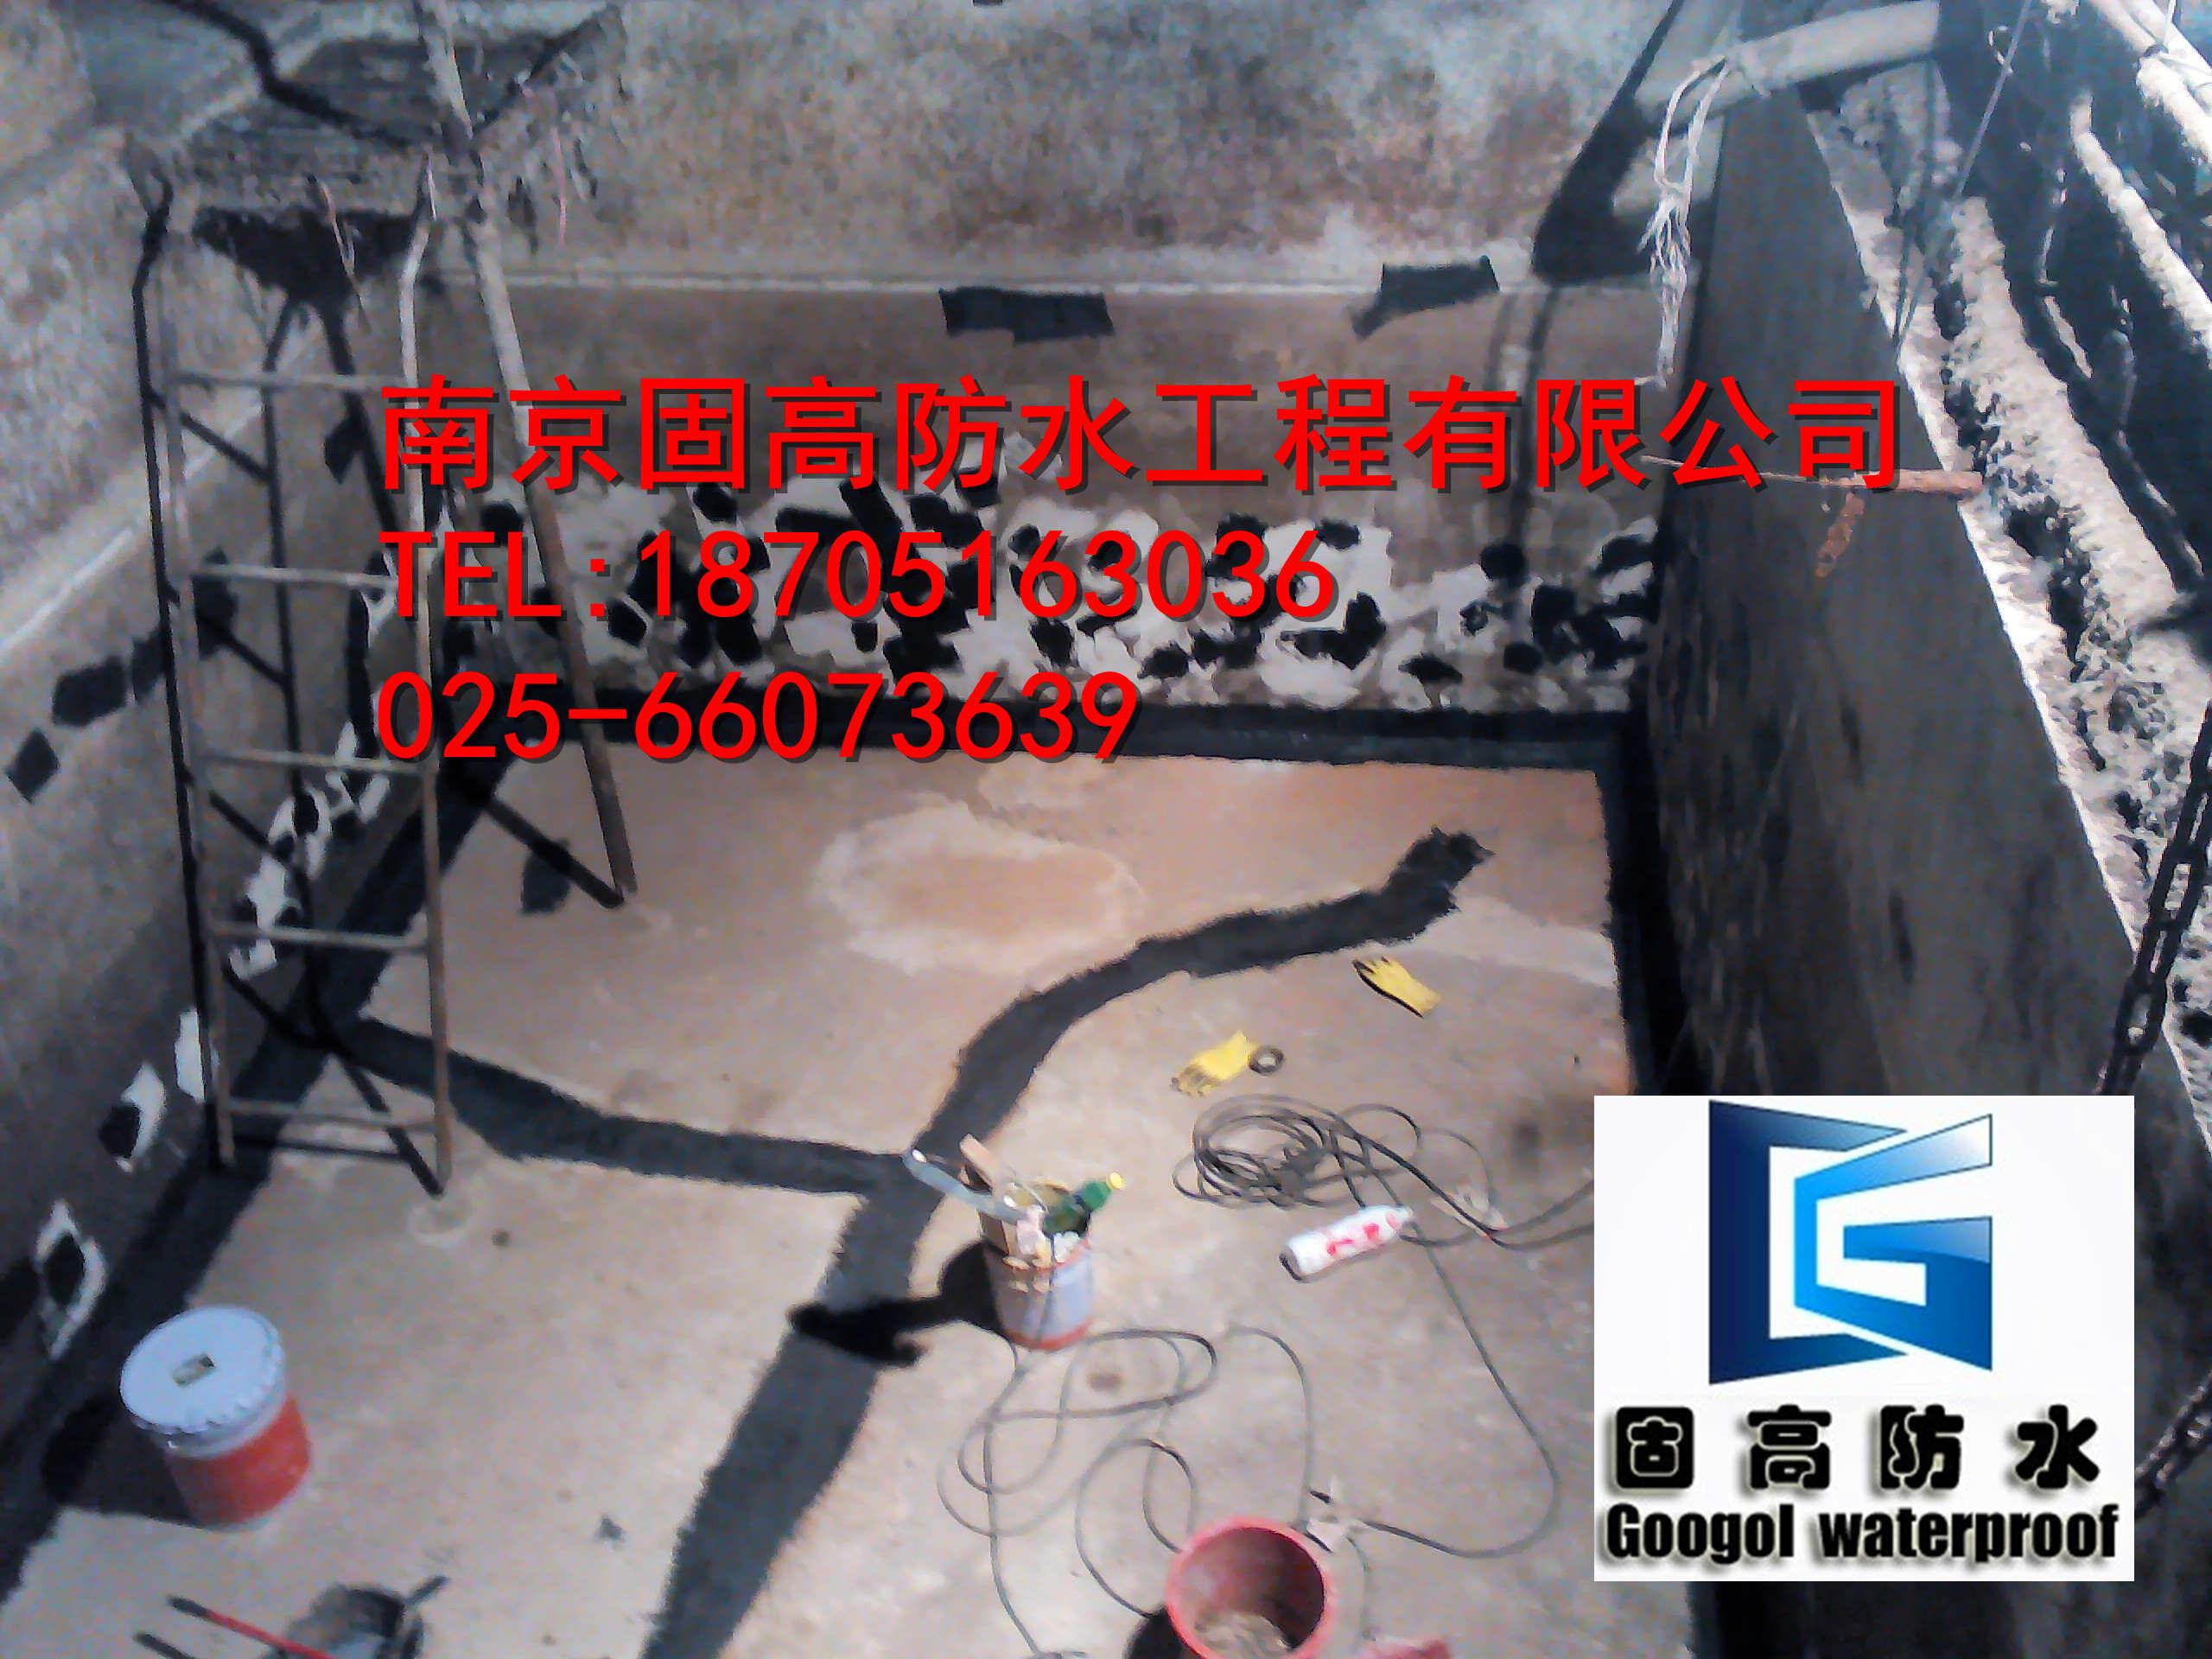 南京工业大学国家生化研究实验中心-7d3668937555072afd9aa7815478ecfb_20160330224896299629